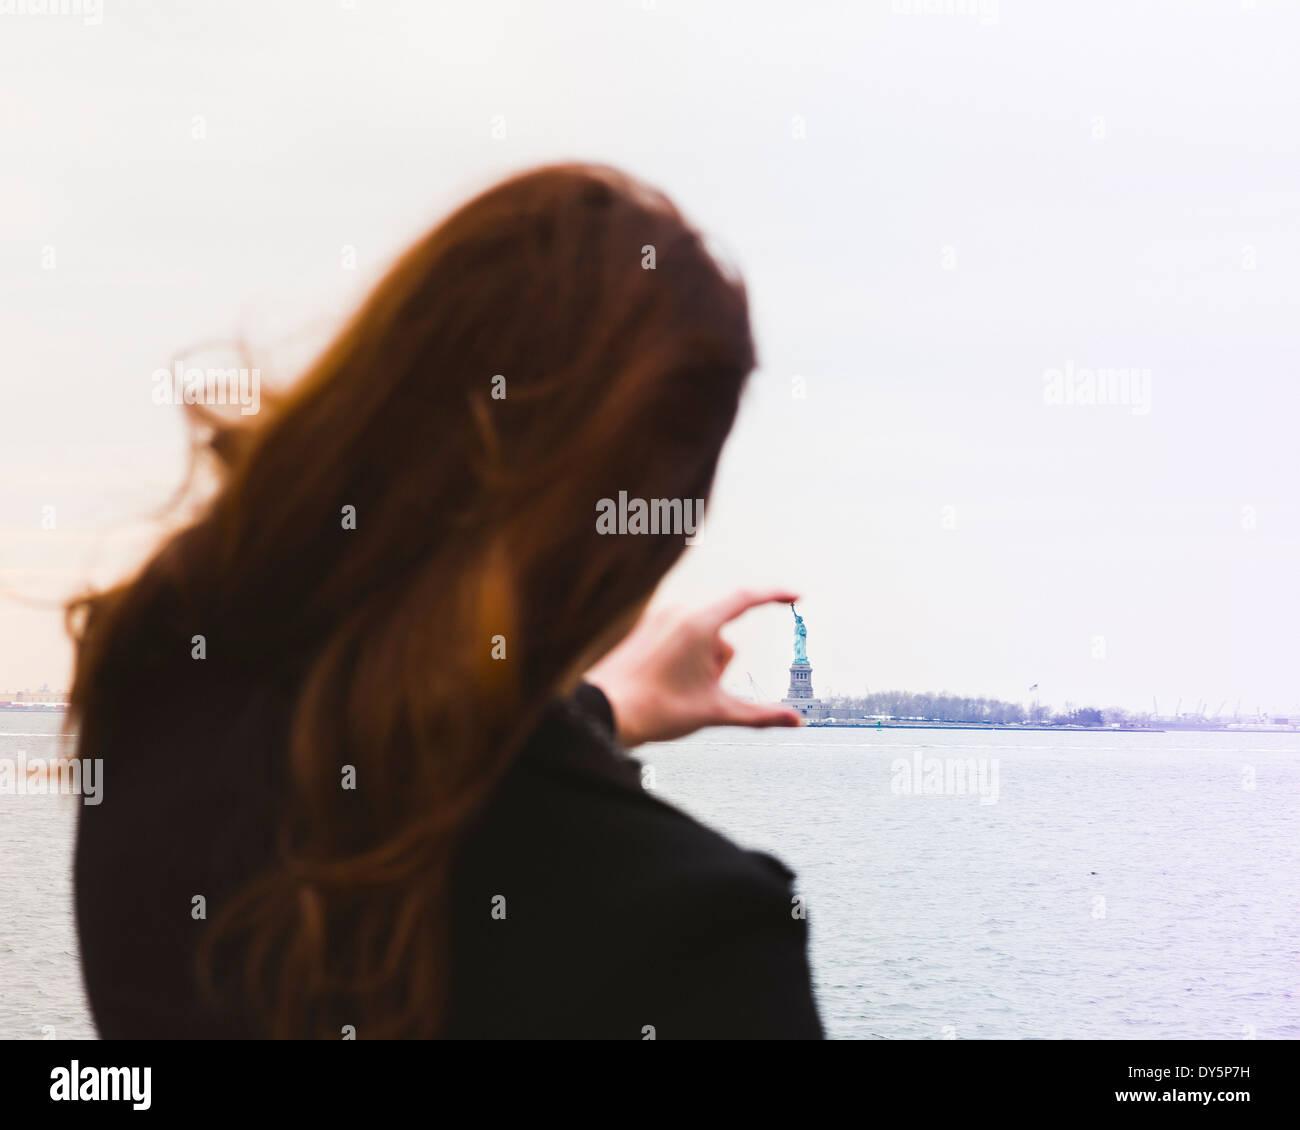 Giovane donna allineando le dita con la statua della libertà, New York, Stati Uniti d'America Immagini Stock